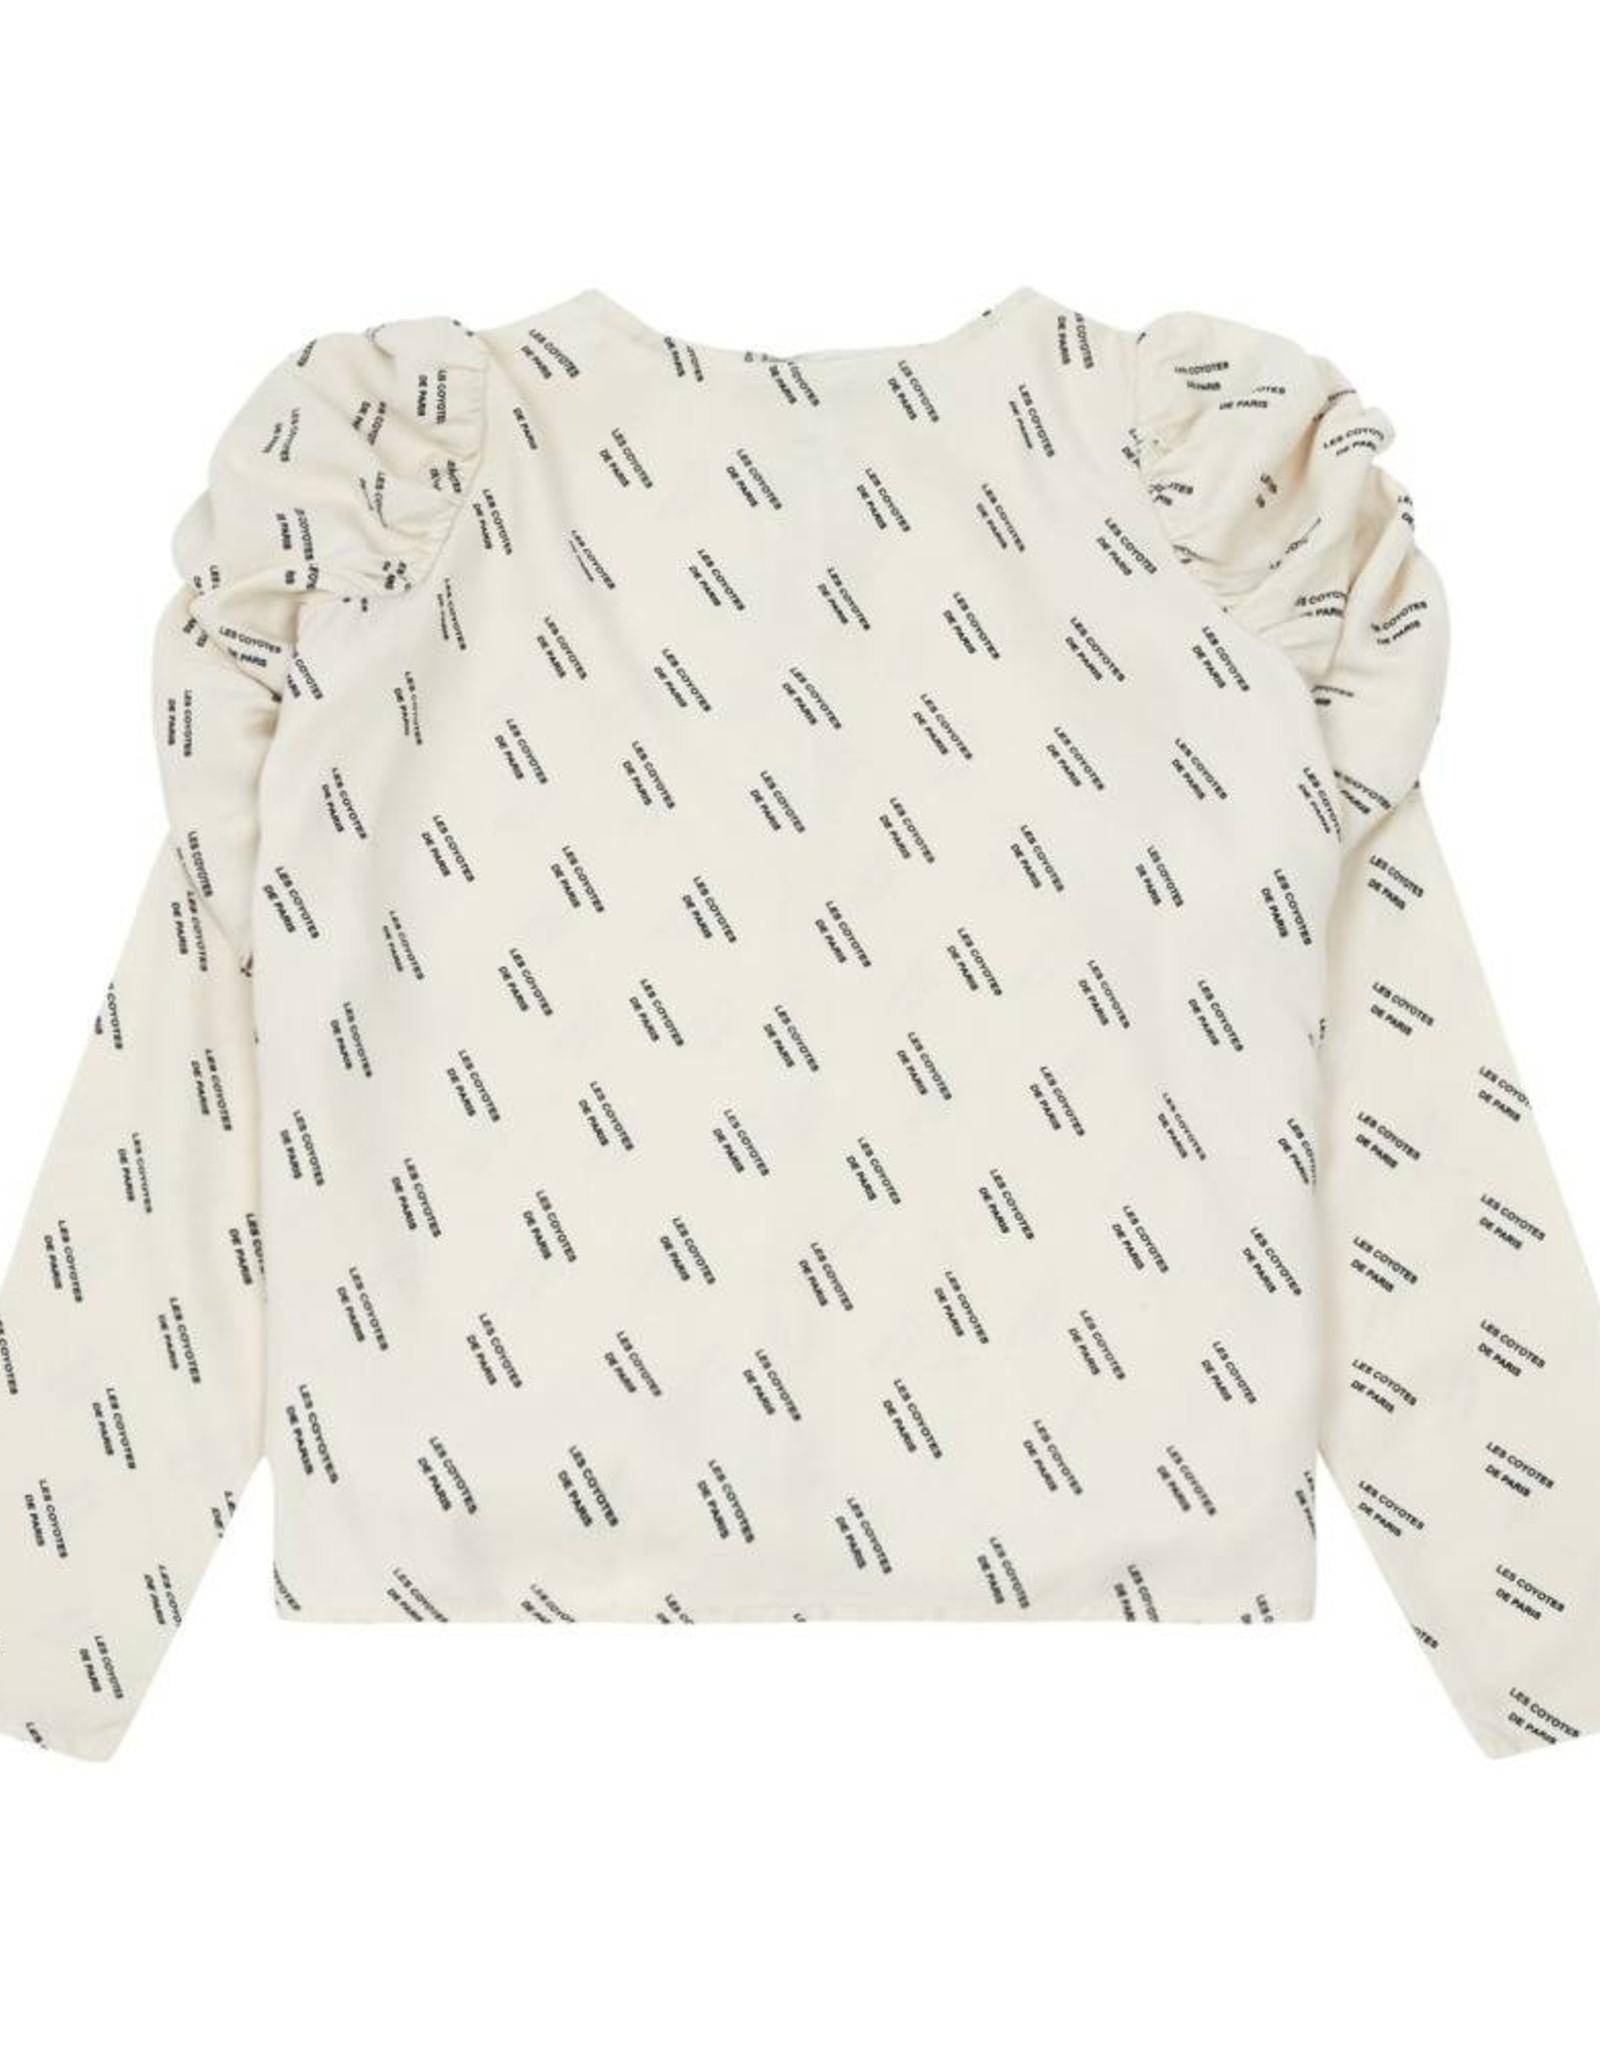 Les Coyotes de Paris Antique blouse